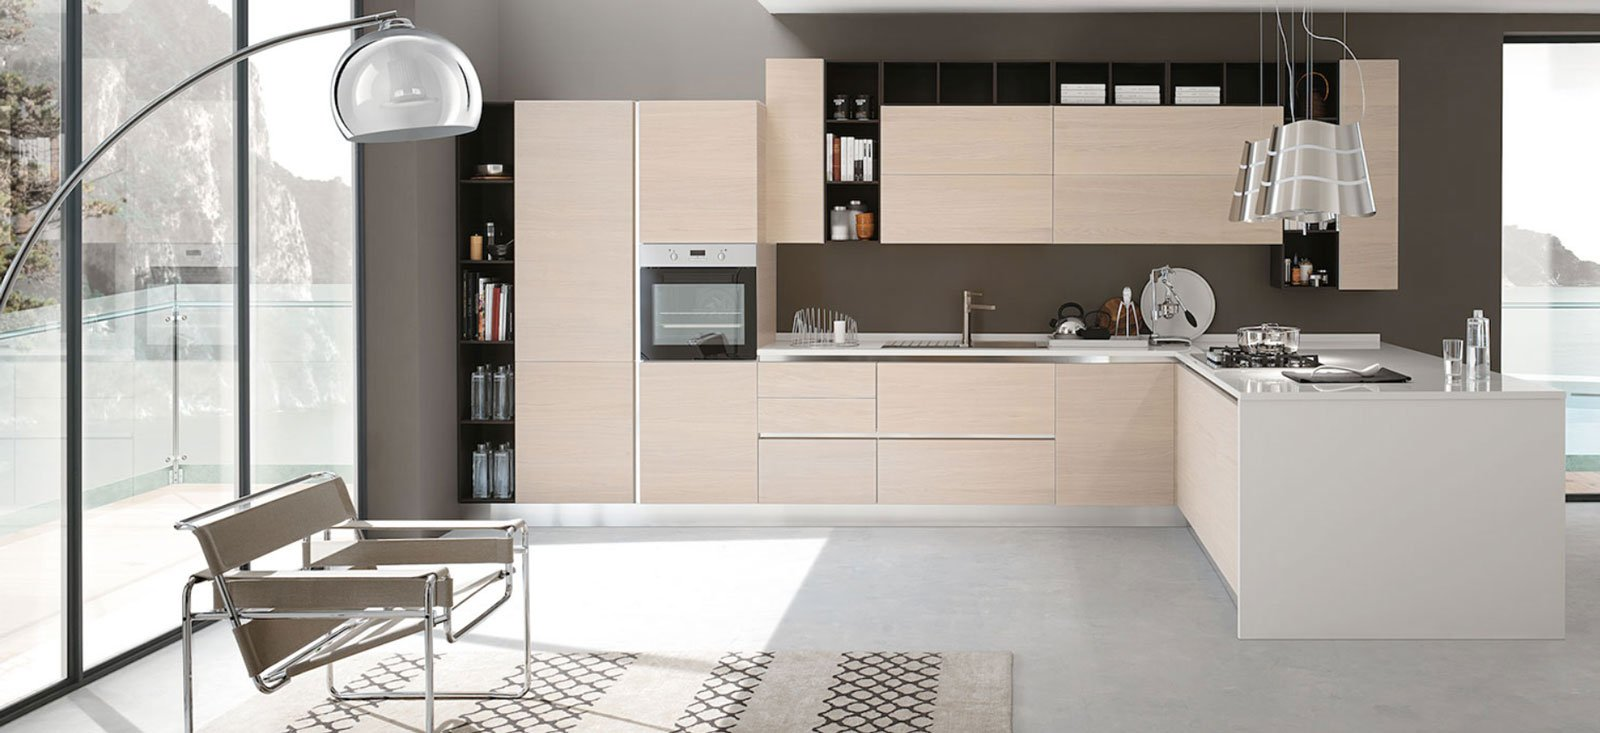 Cucina progettare la disposizione dell 39 arredo cose di casa for Arredo cucina design